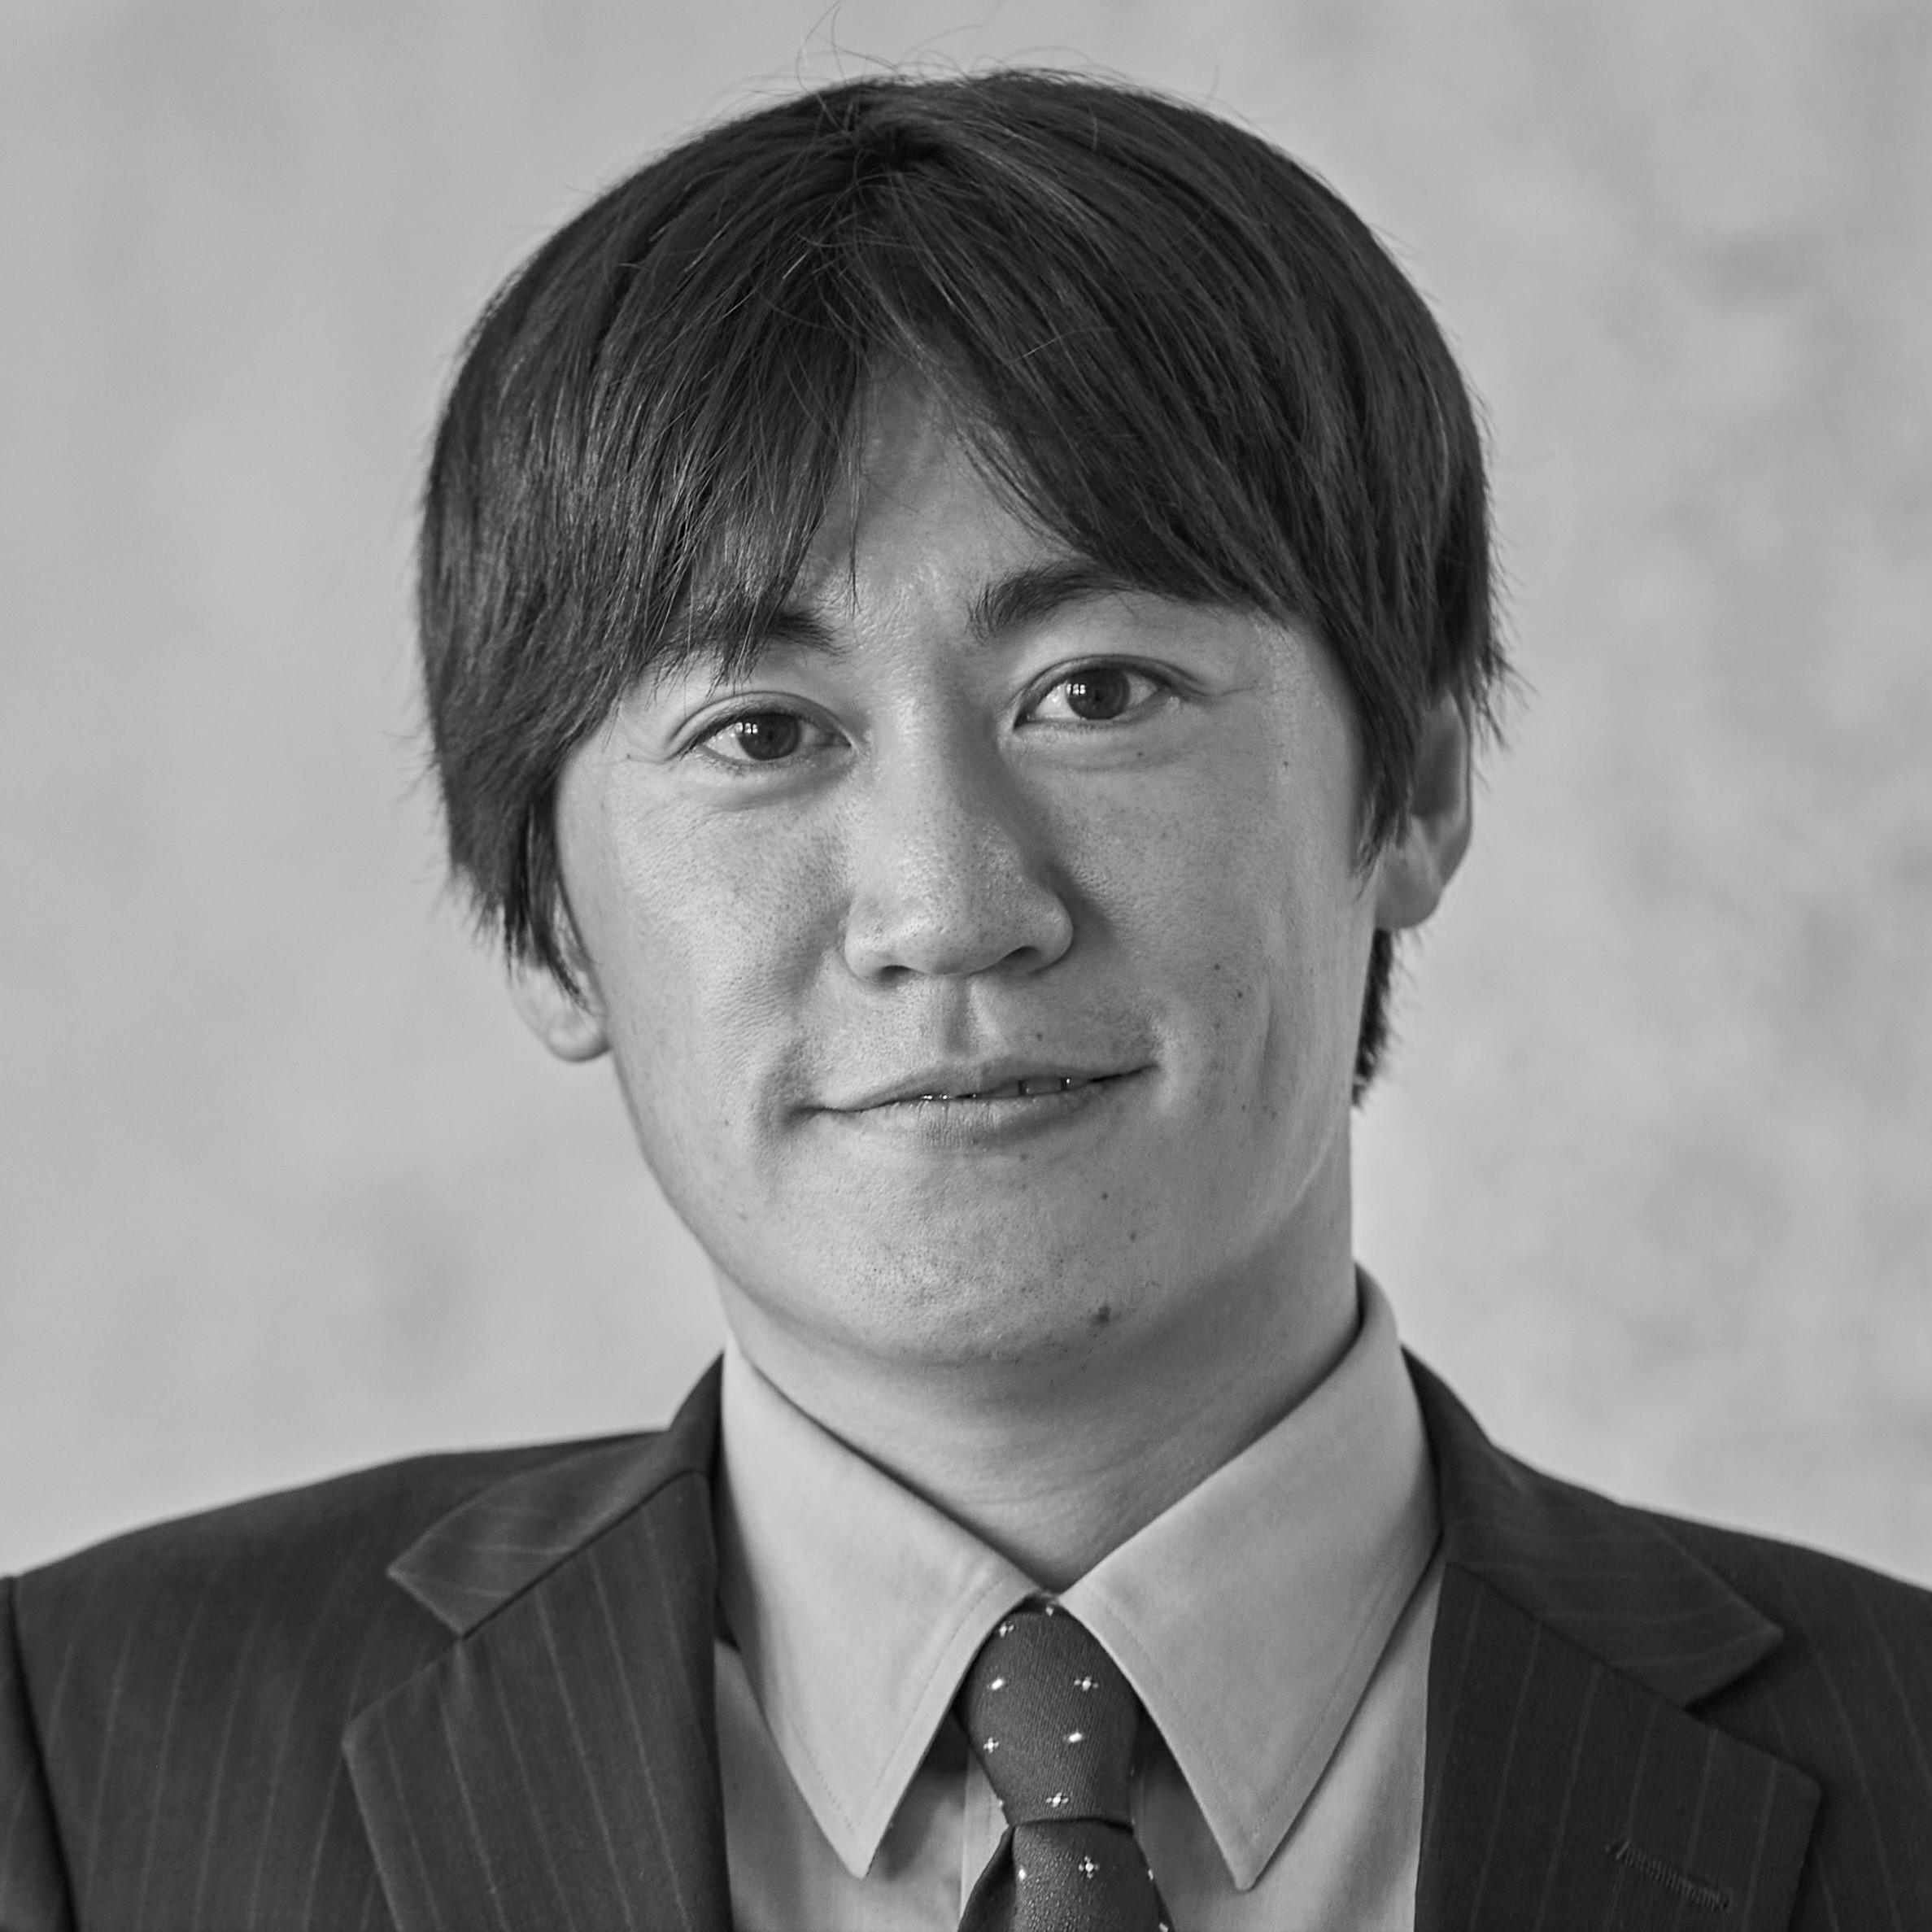 Yu Tokunaga